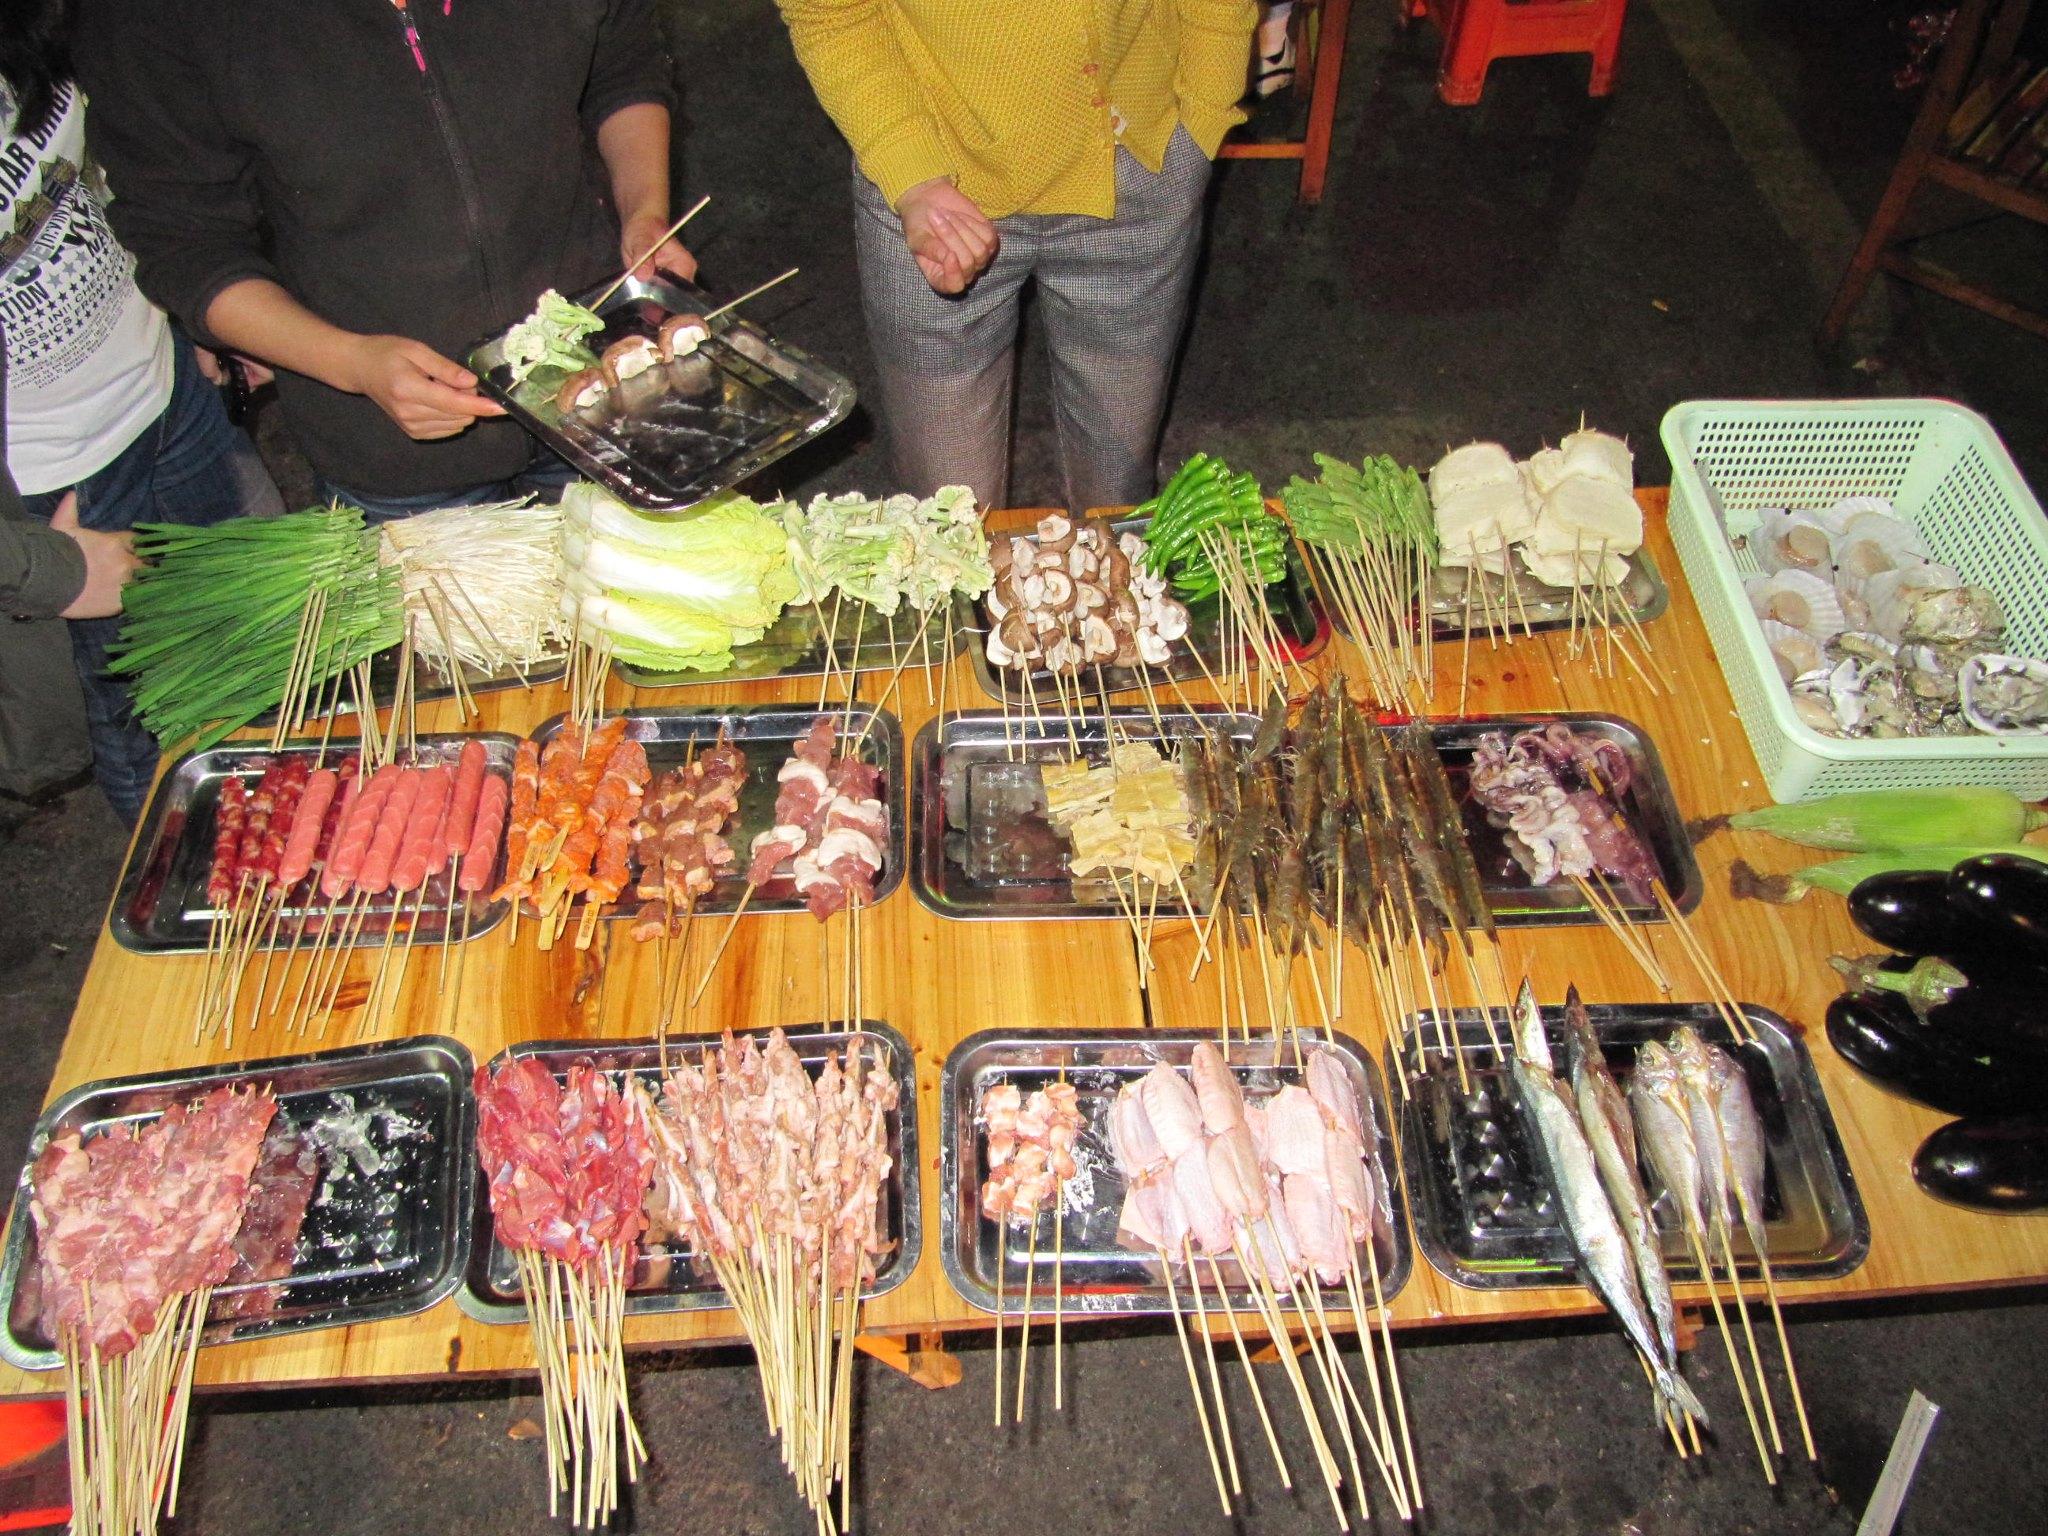 Dużo innych lokalnych chińskich przysmaków przygotowywanych na ruszcie.